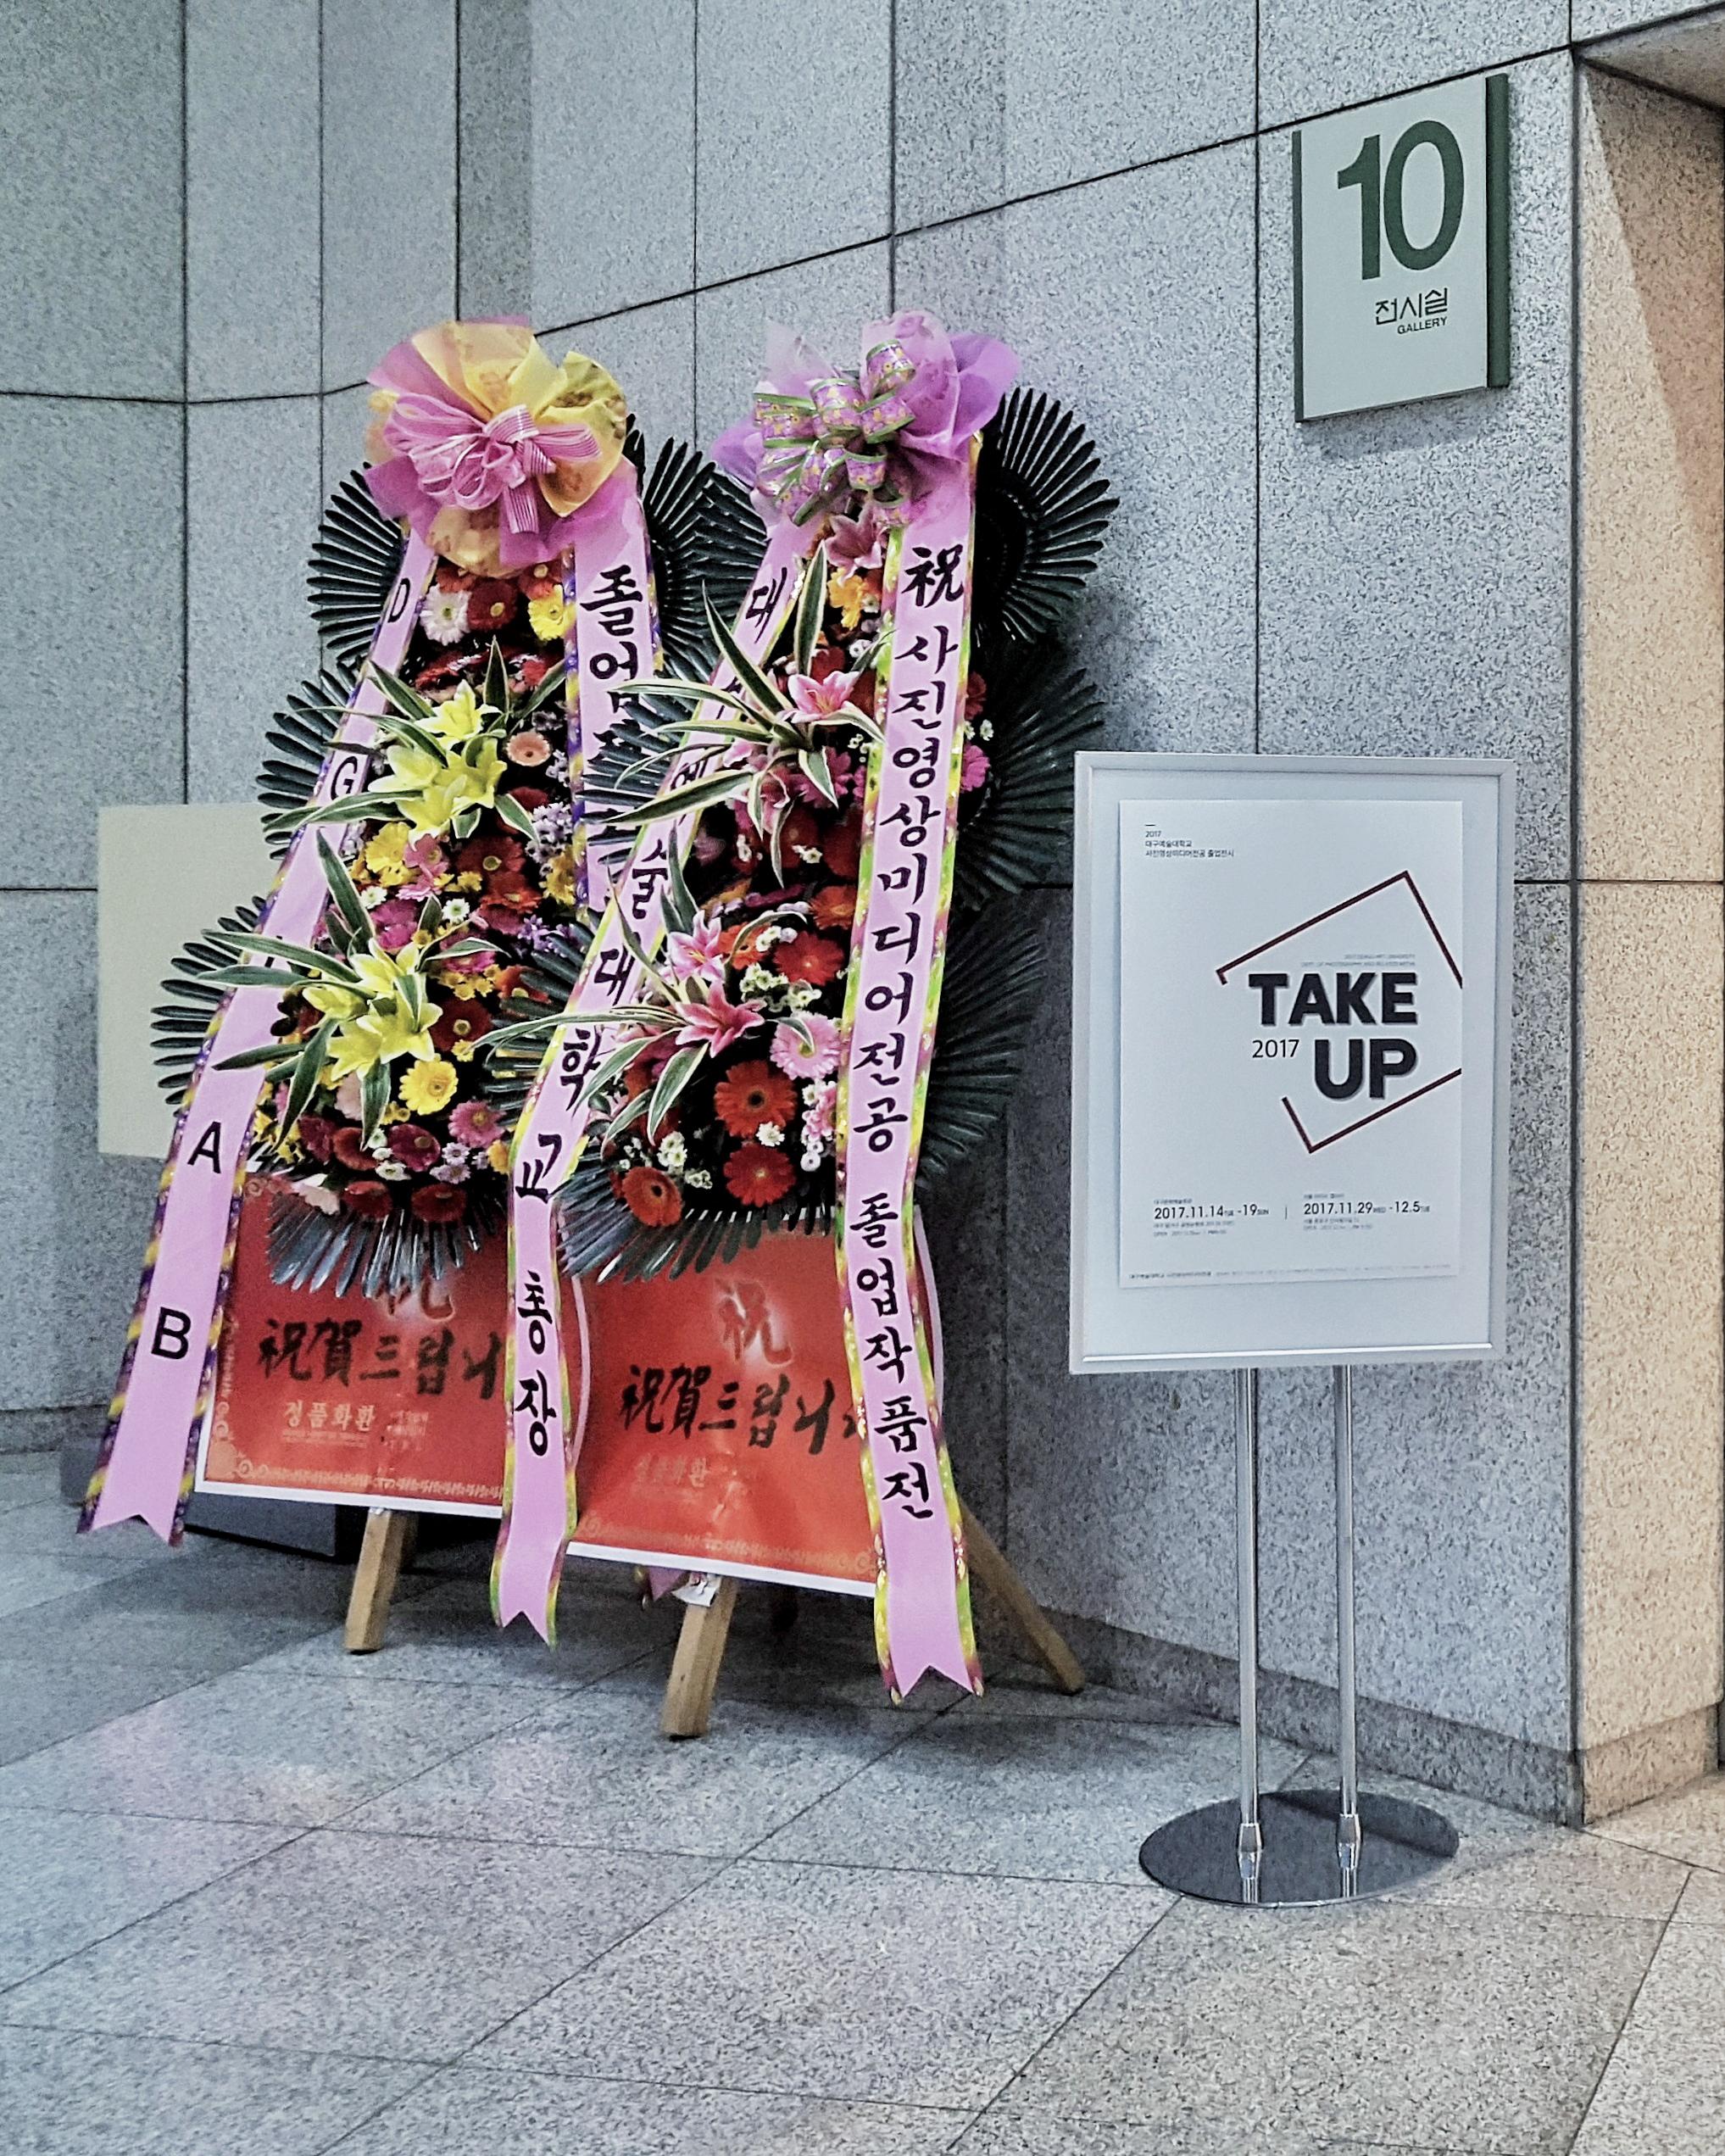 대구문화예술회관 전시실10관